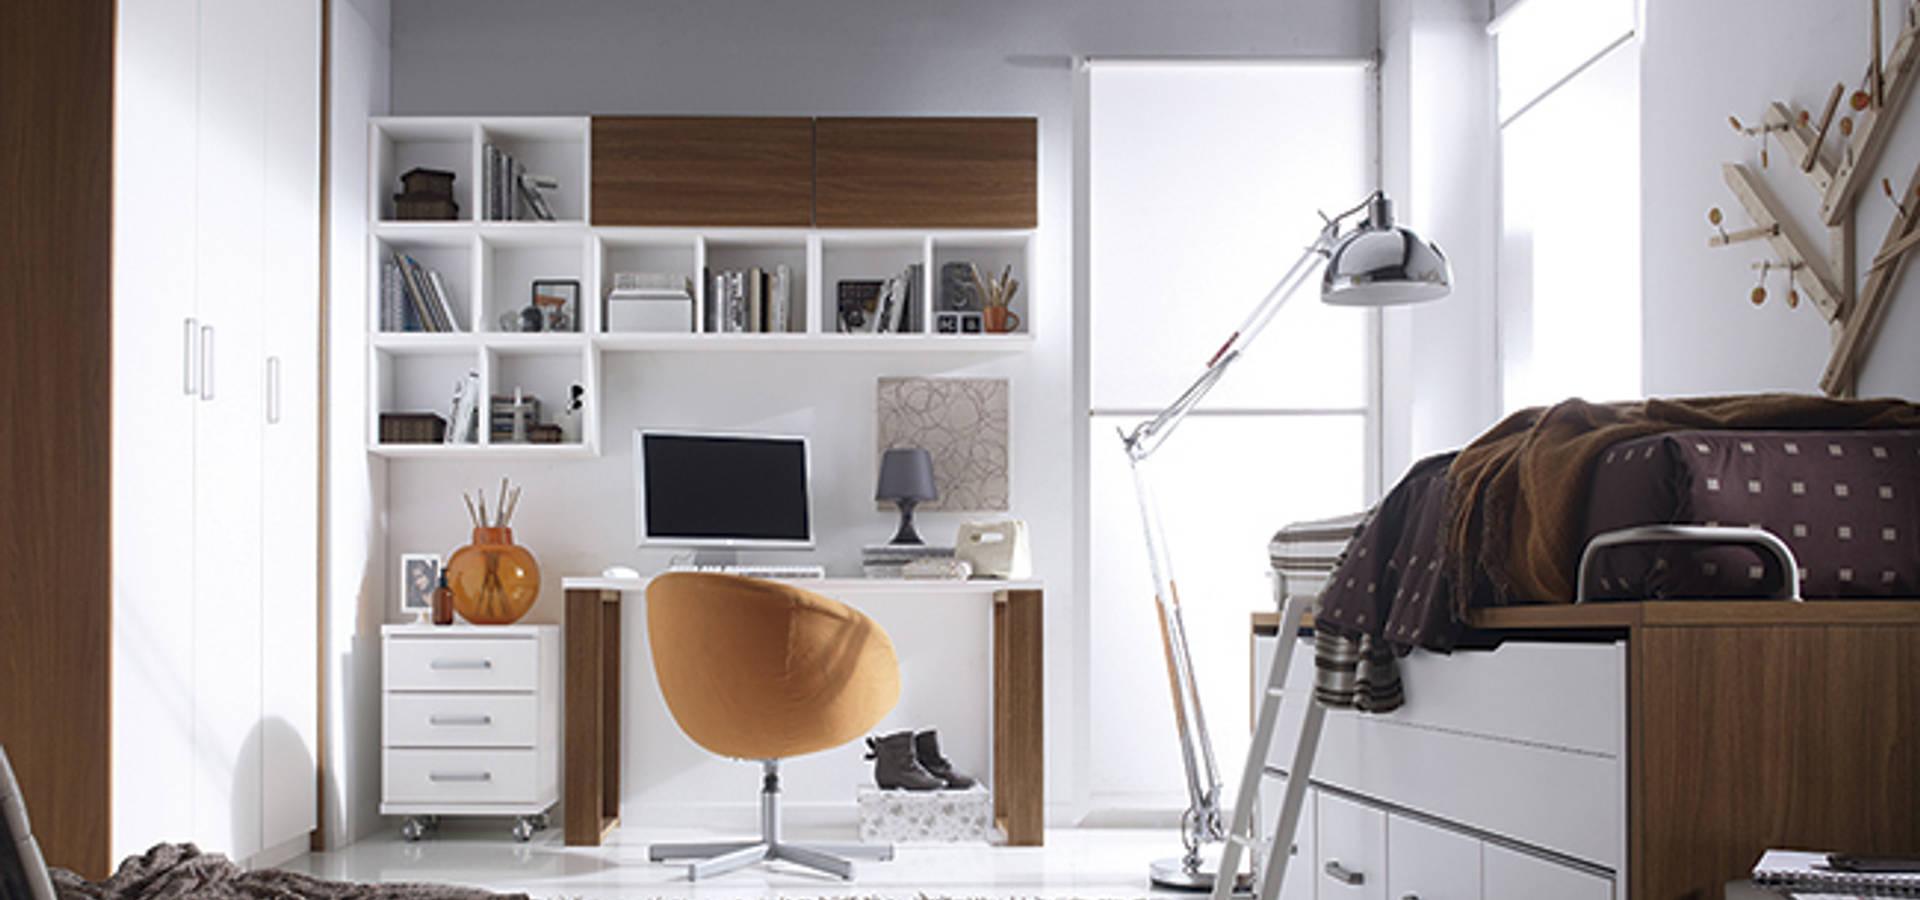 Muebles sarria muebles y accesorios en marchena homify - Muebles sarria marchena ...